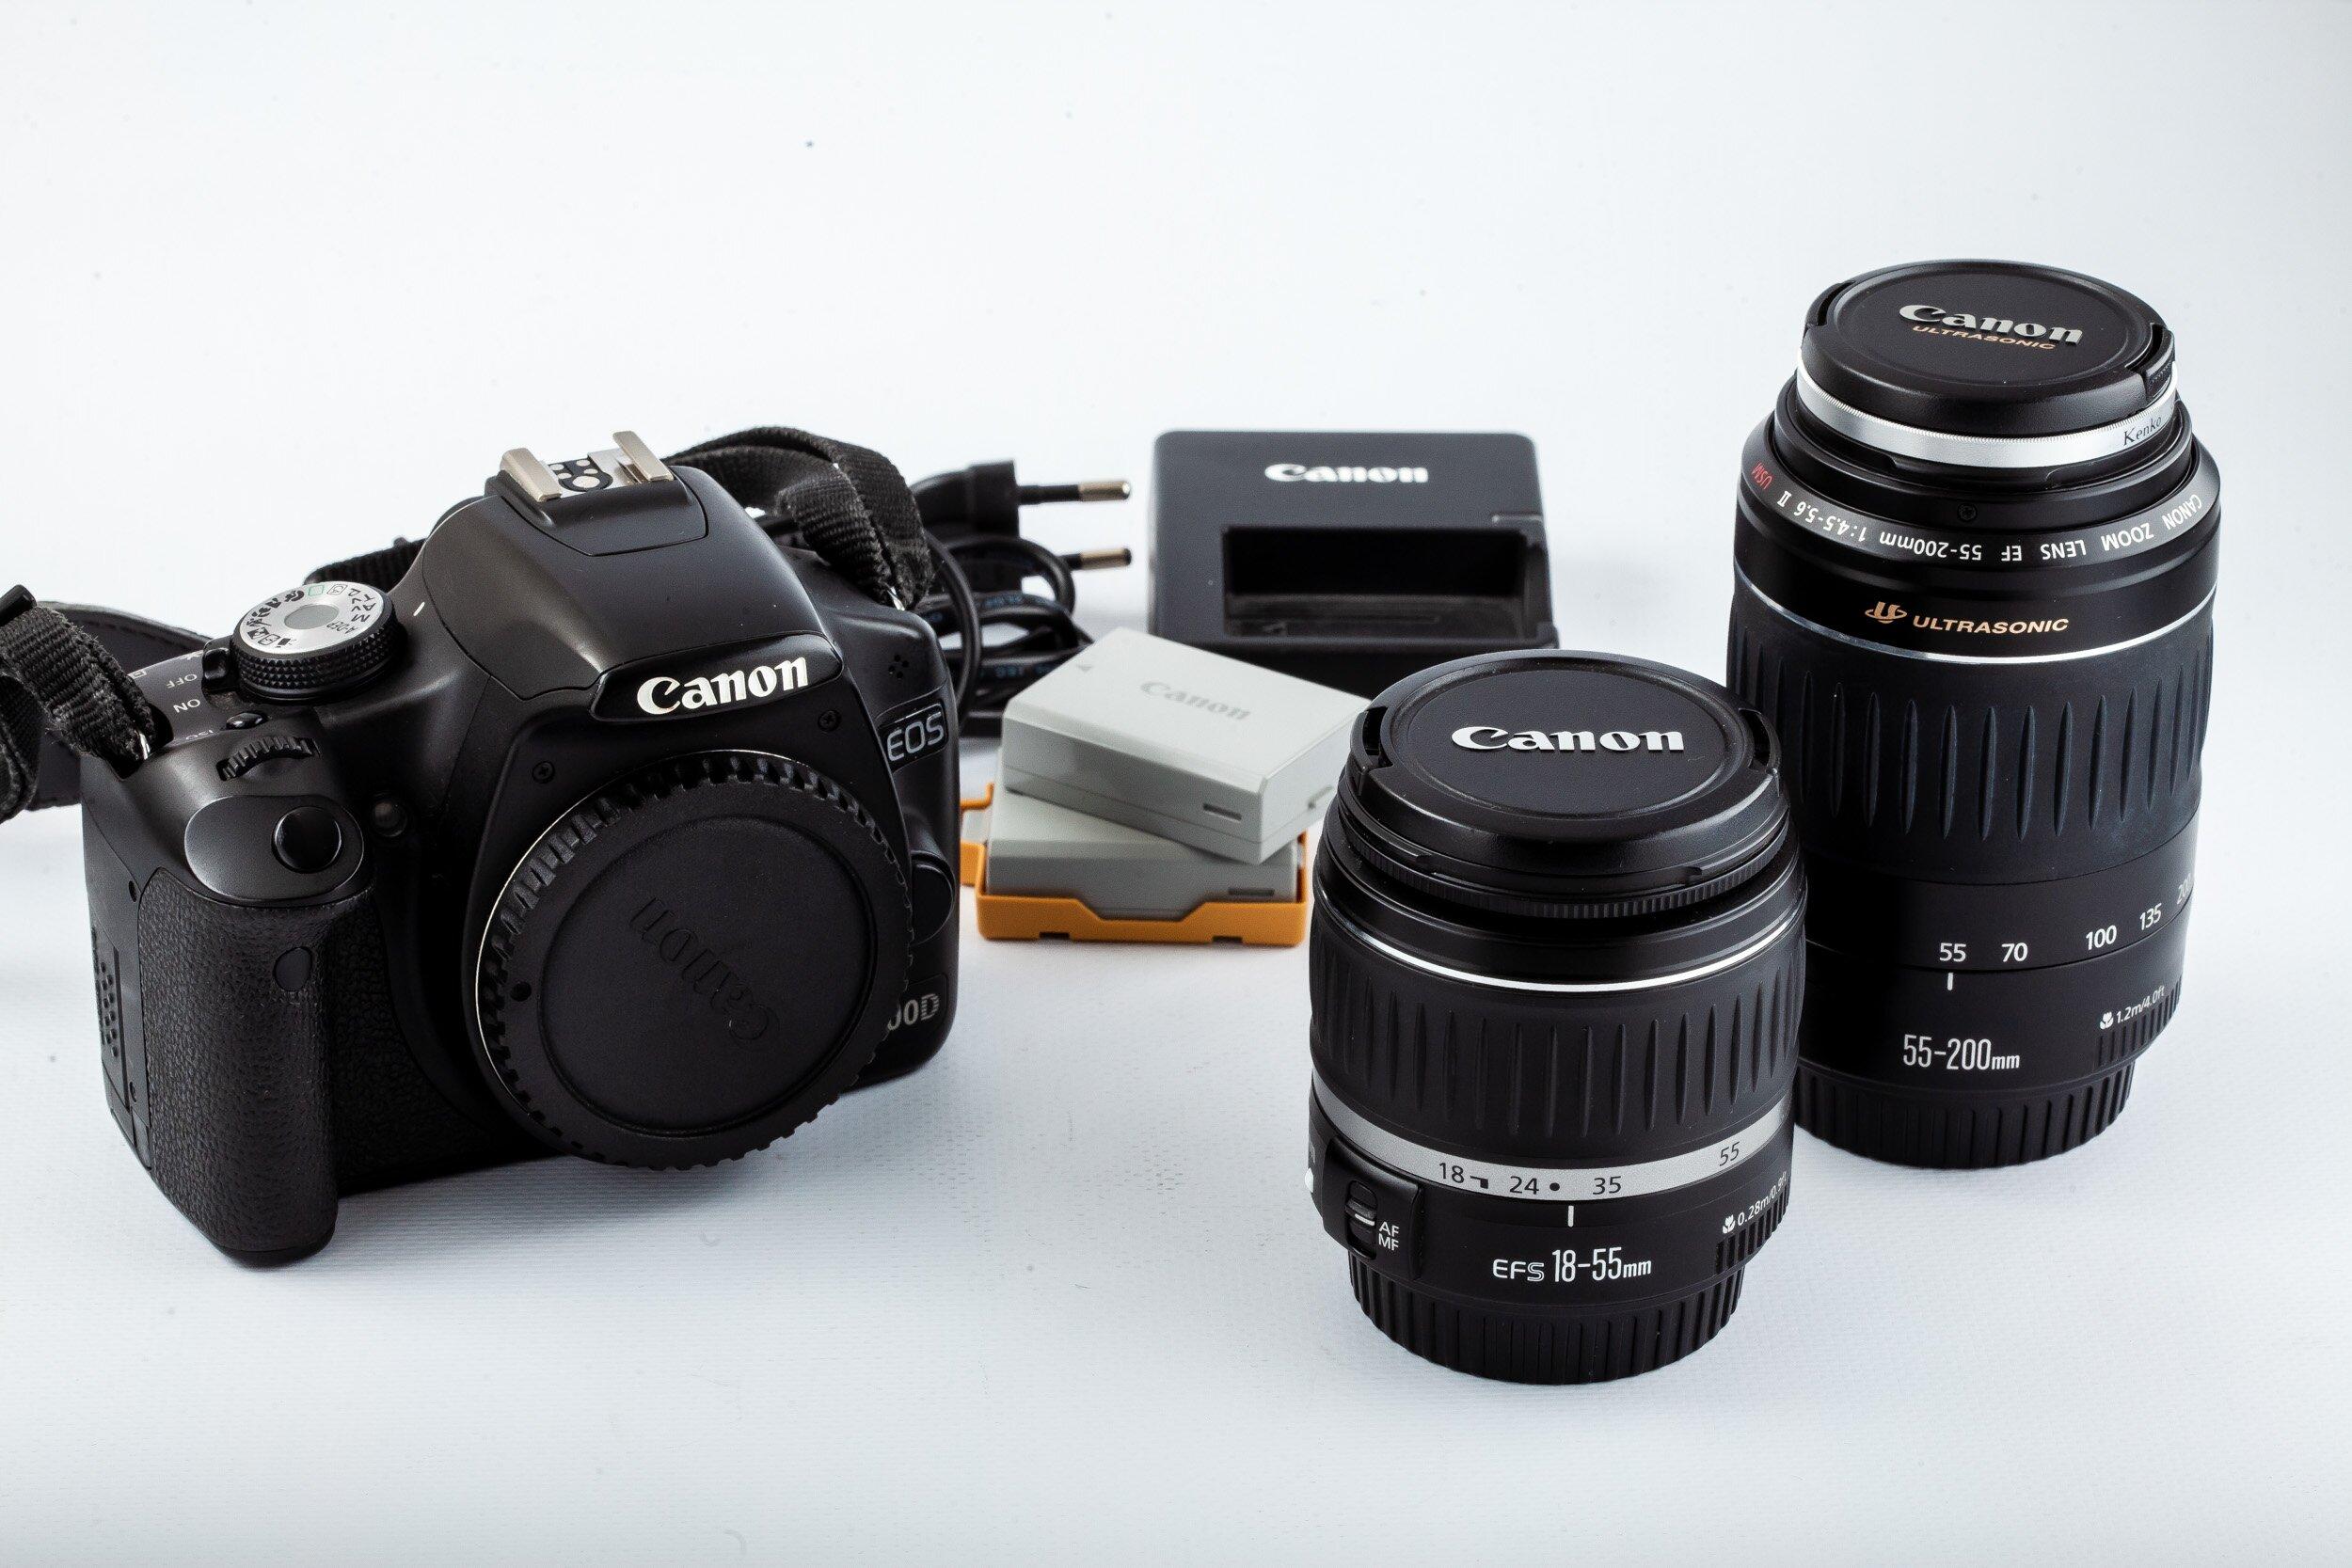 Canon 500D Set 18-55mm 55-200mm